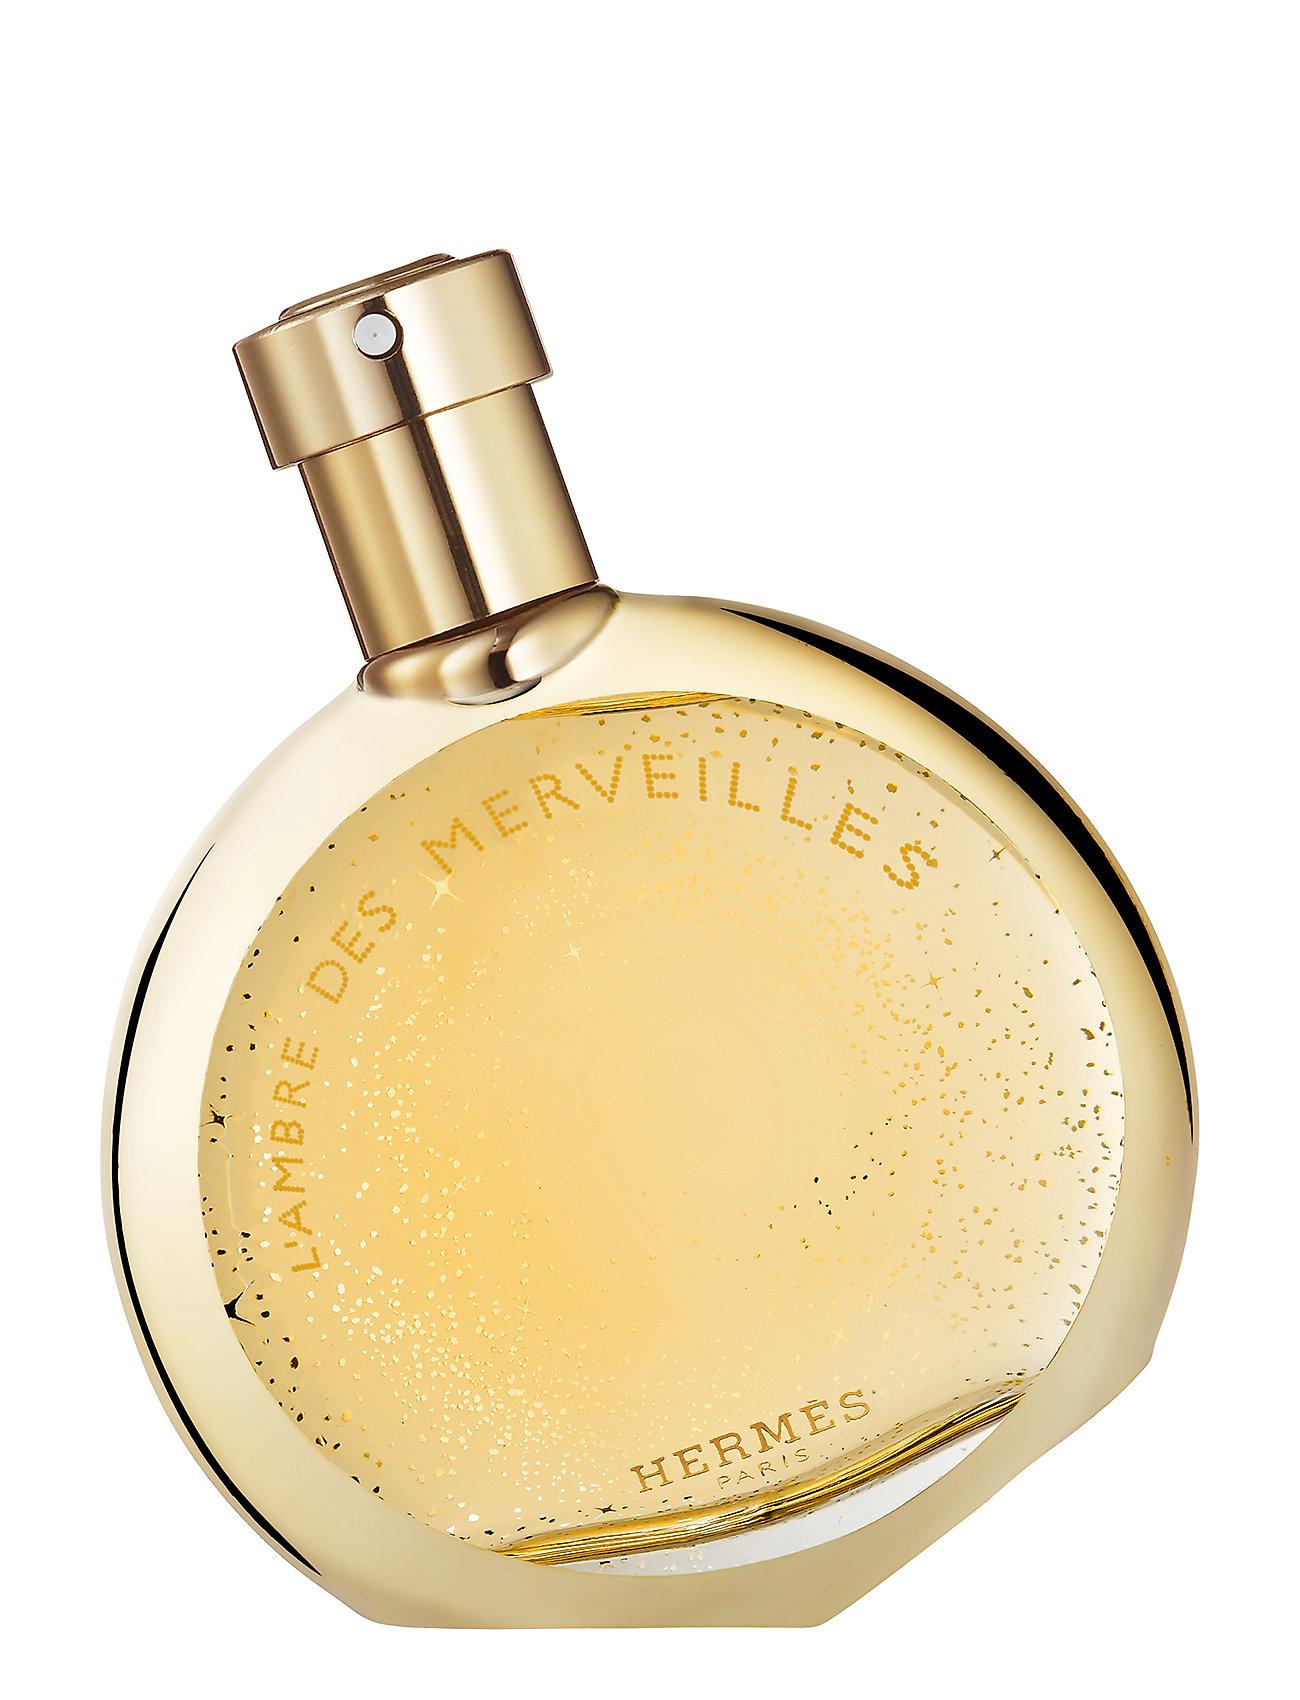 HERMÈS L'Ambre des Merveilles, Eau de parfum - CLEAR